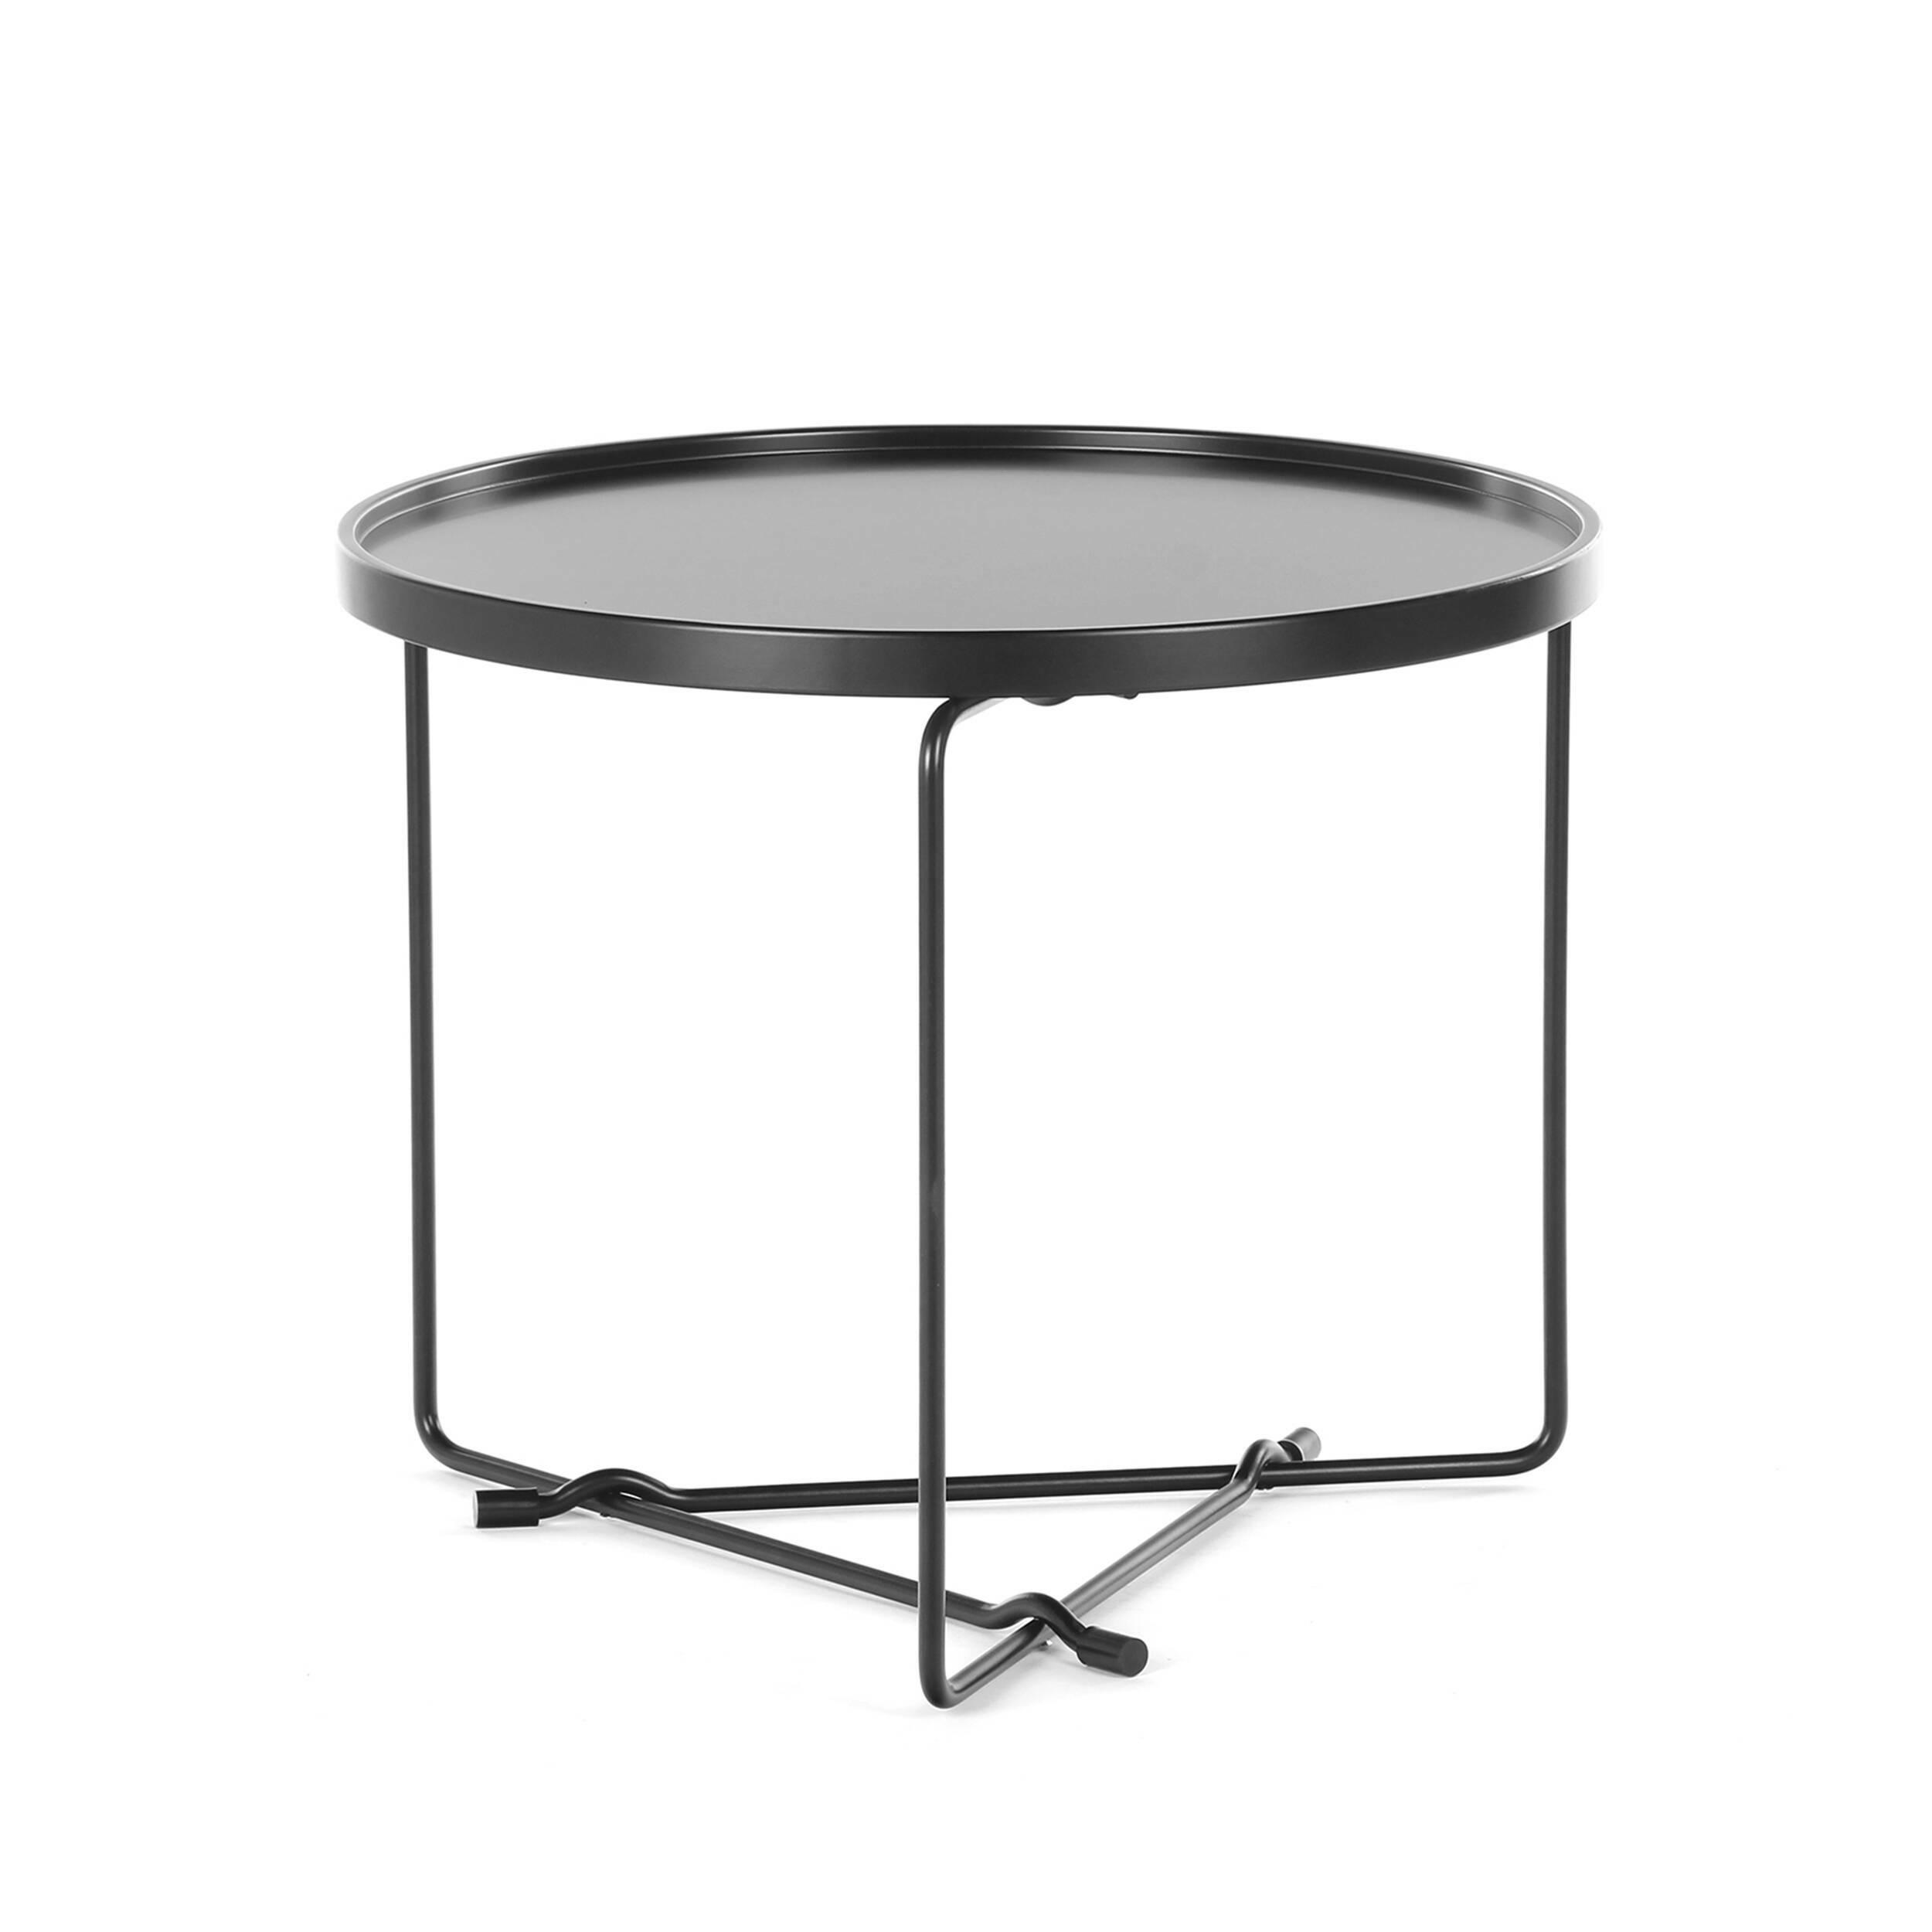 Сервировочный столик Cosmo 15580943 от Cosmorelax